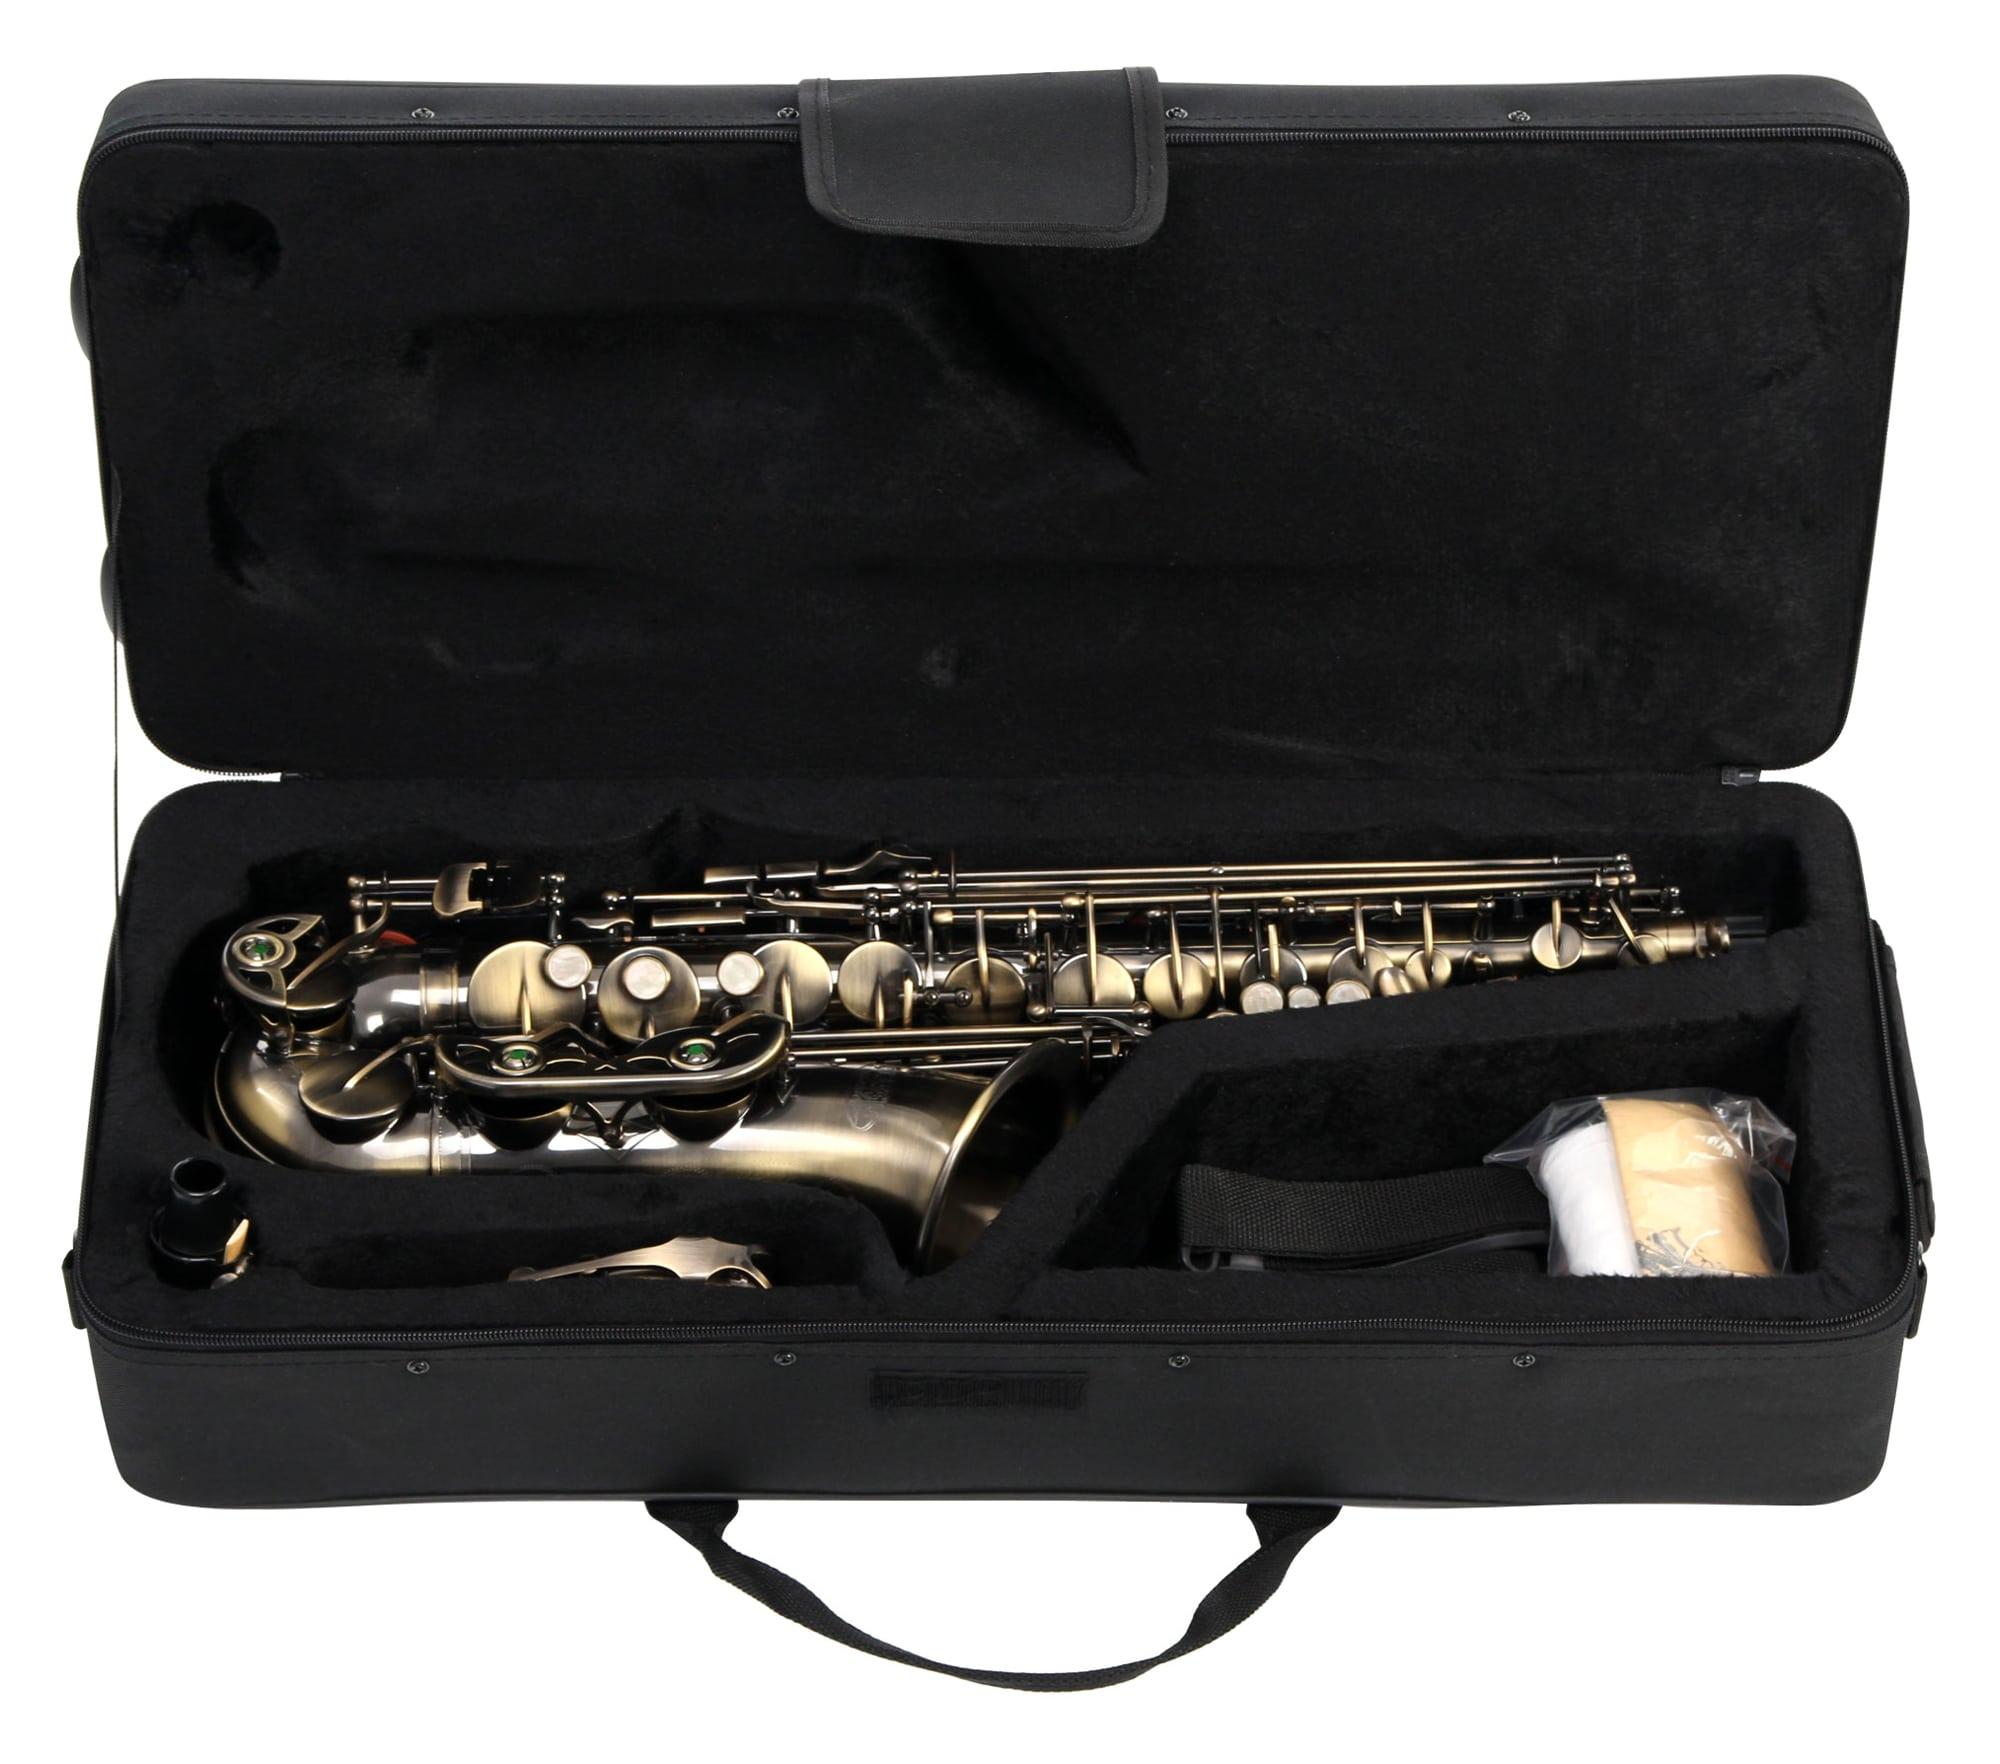 Sopran Saxophon Sax Saxofon Leicht Case Koffer Mundstück Blättchen klar lackiert